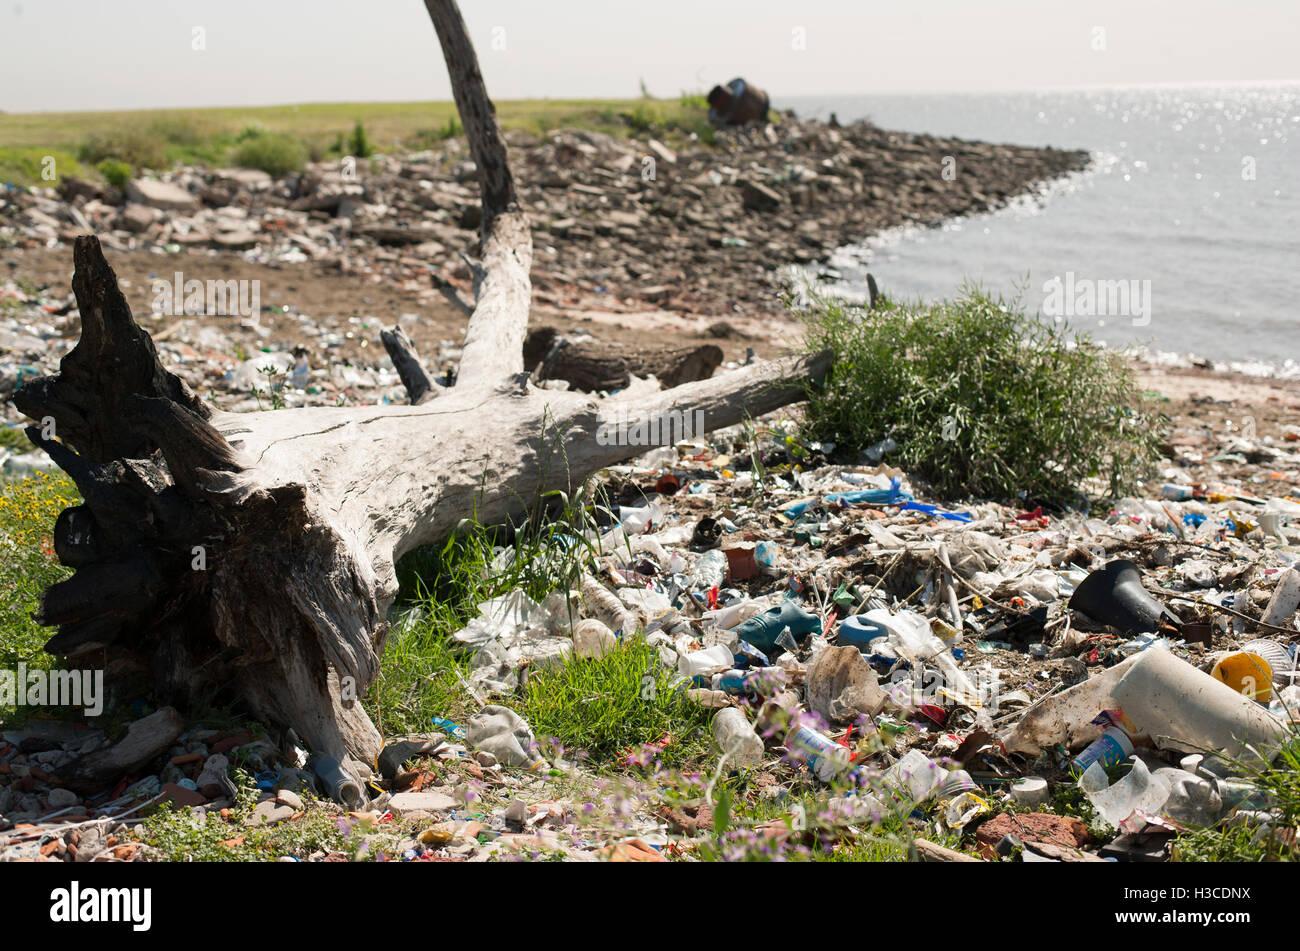 Trash washed up on shore Stock Photo